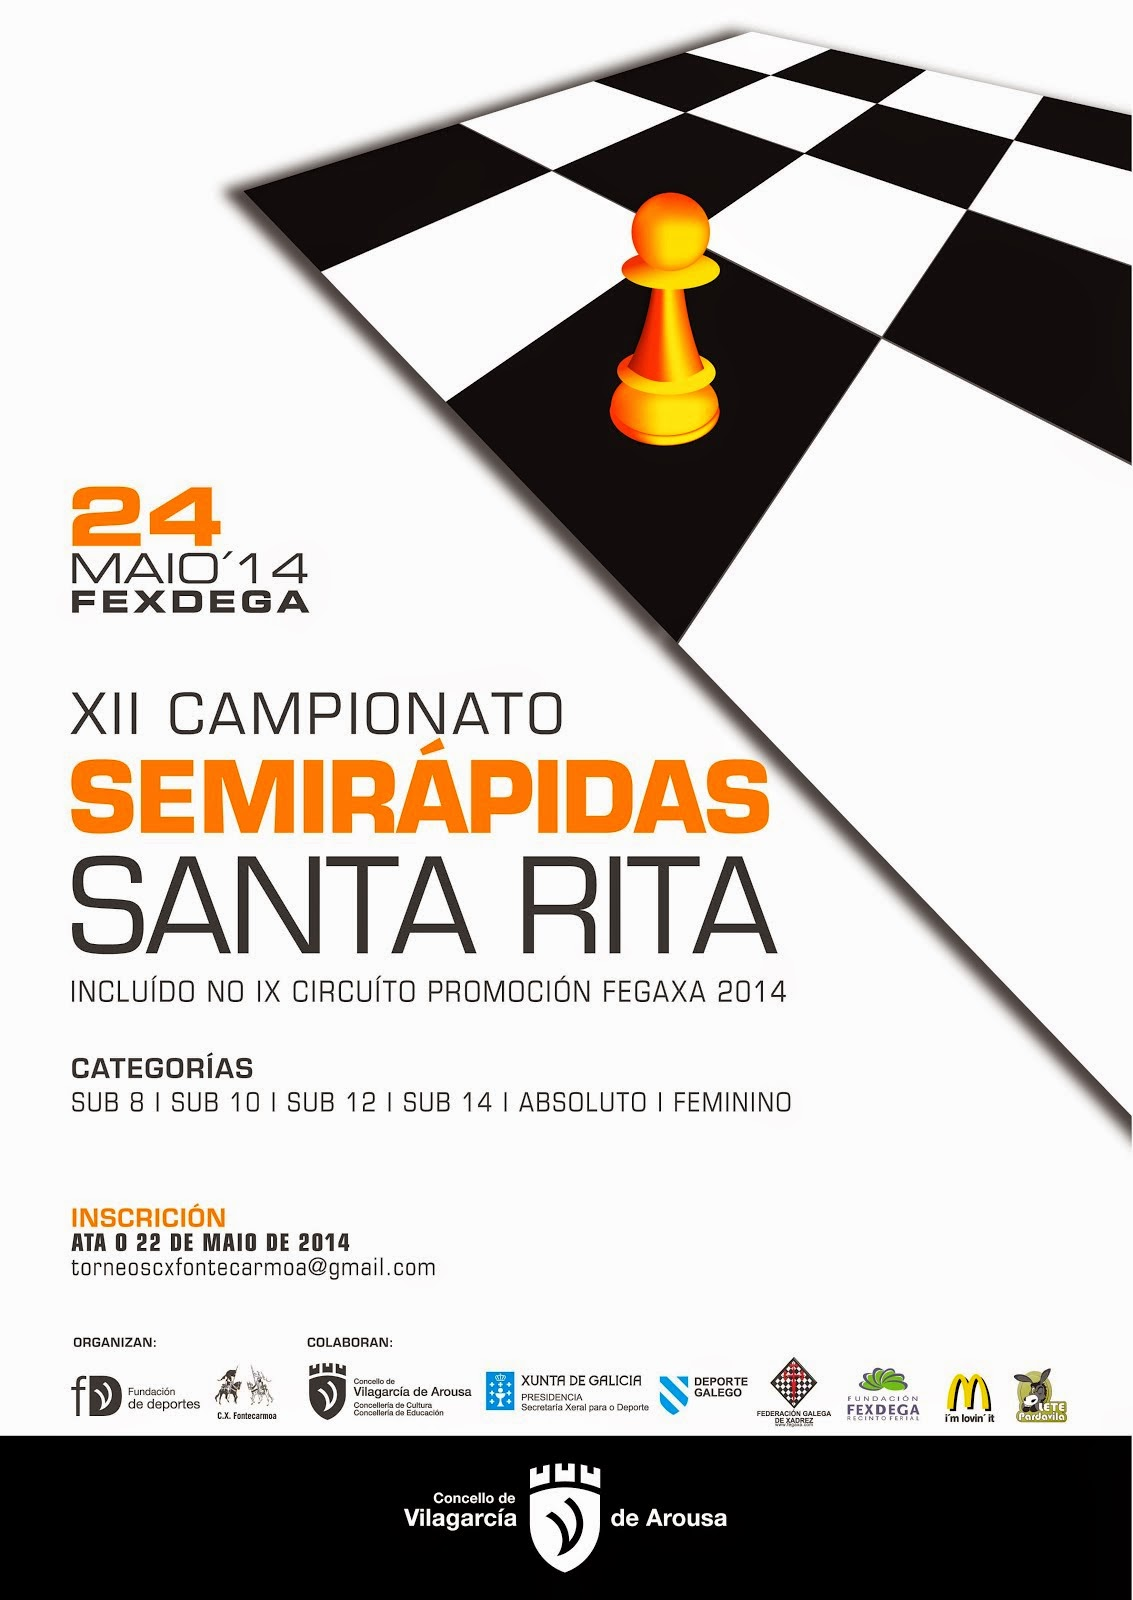 FINALIZADO - Villagarcía de Arousa